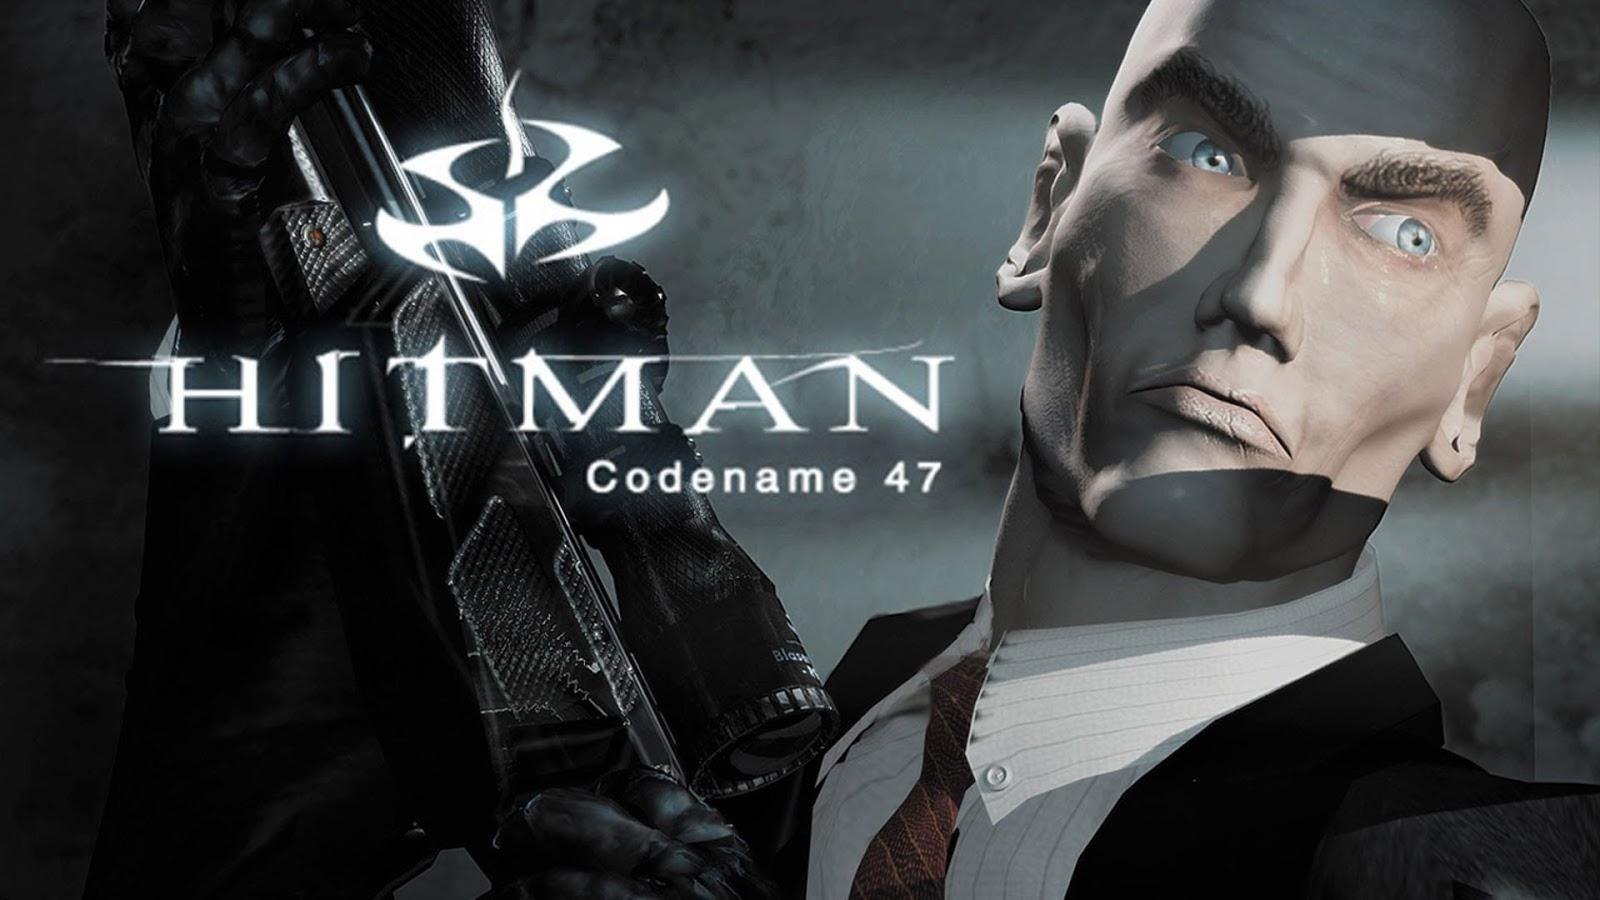 CODENAME TÉLÉCHARGER 47 PC STARTIMES HITMAN